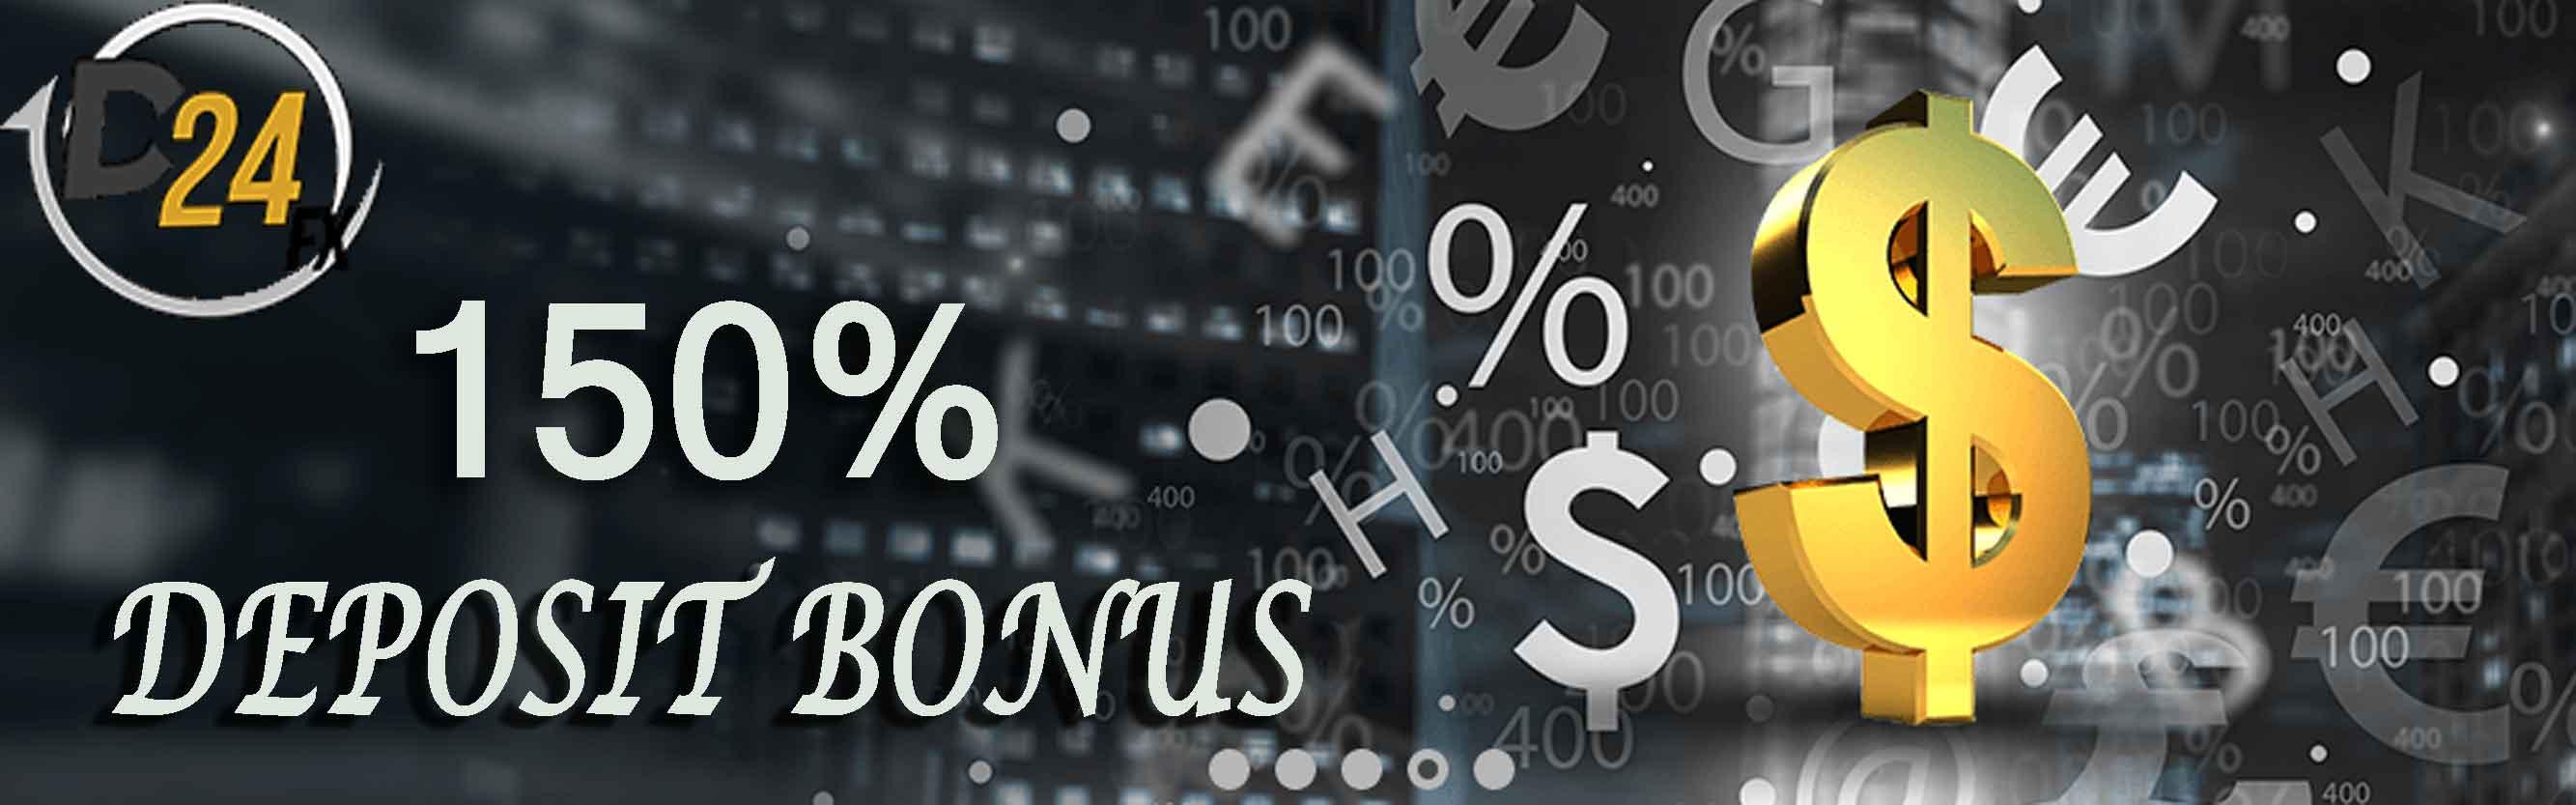 D24FX Deposit Bonus